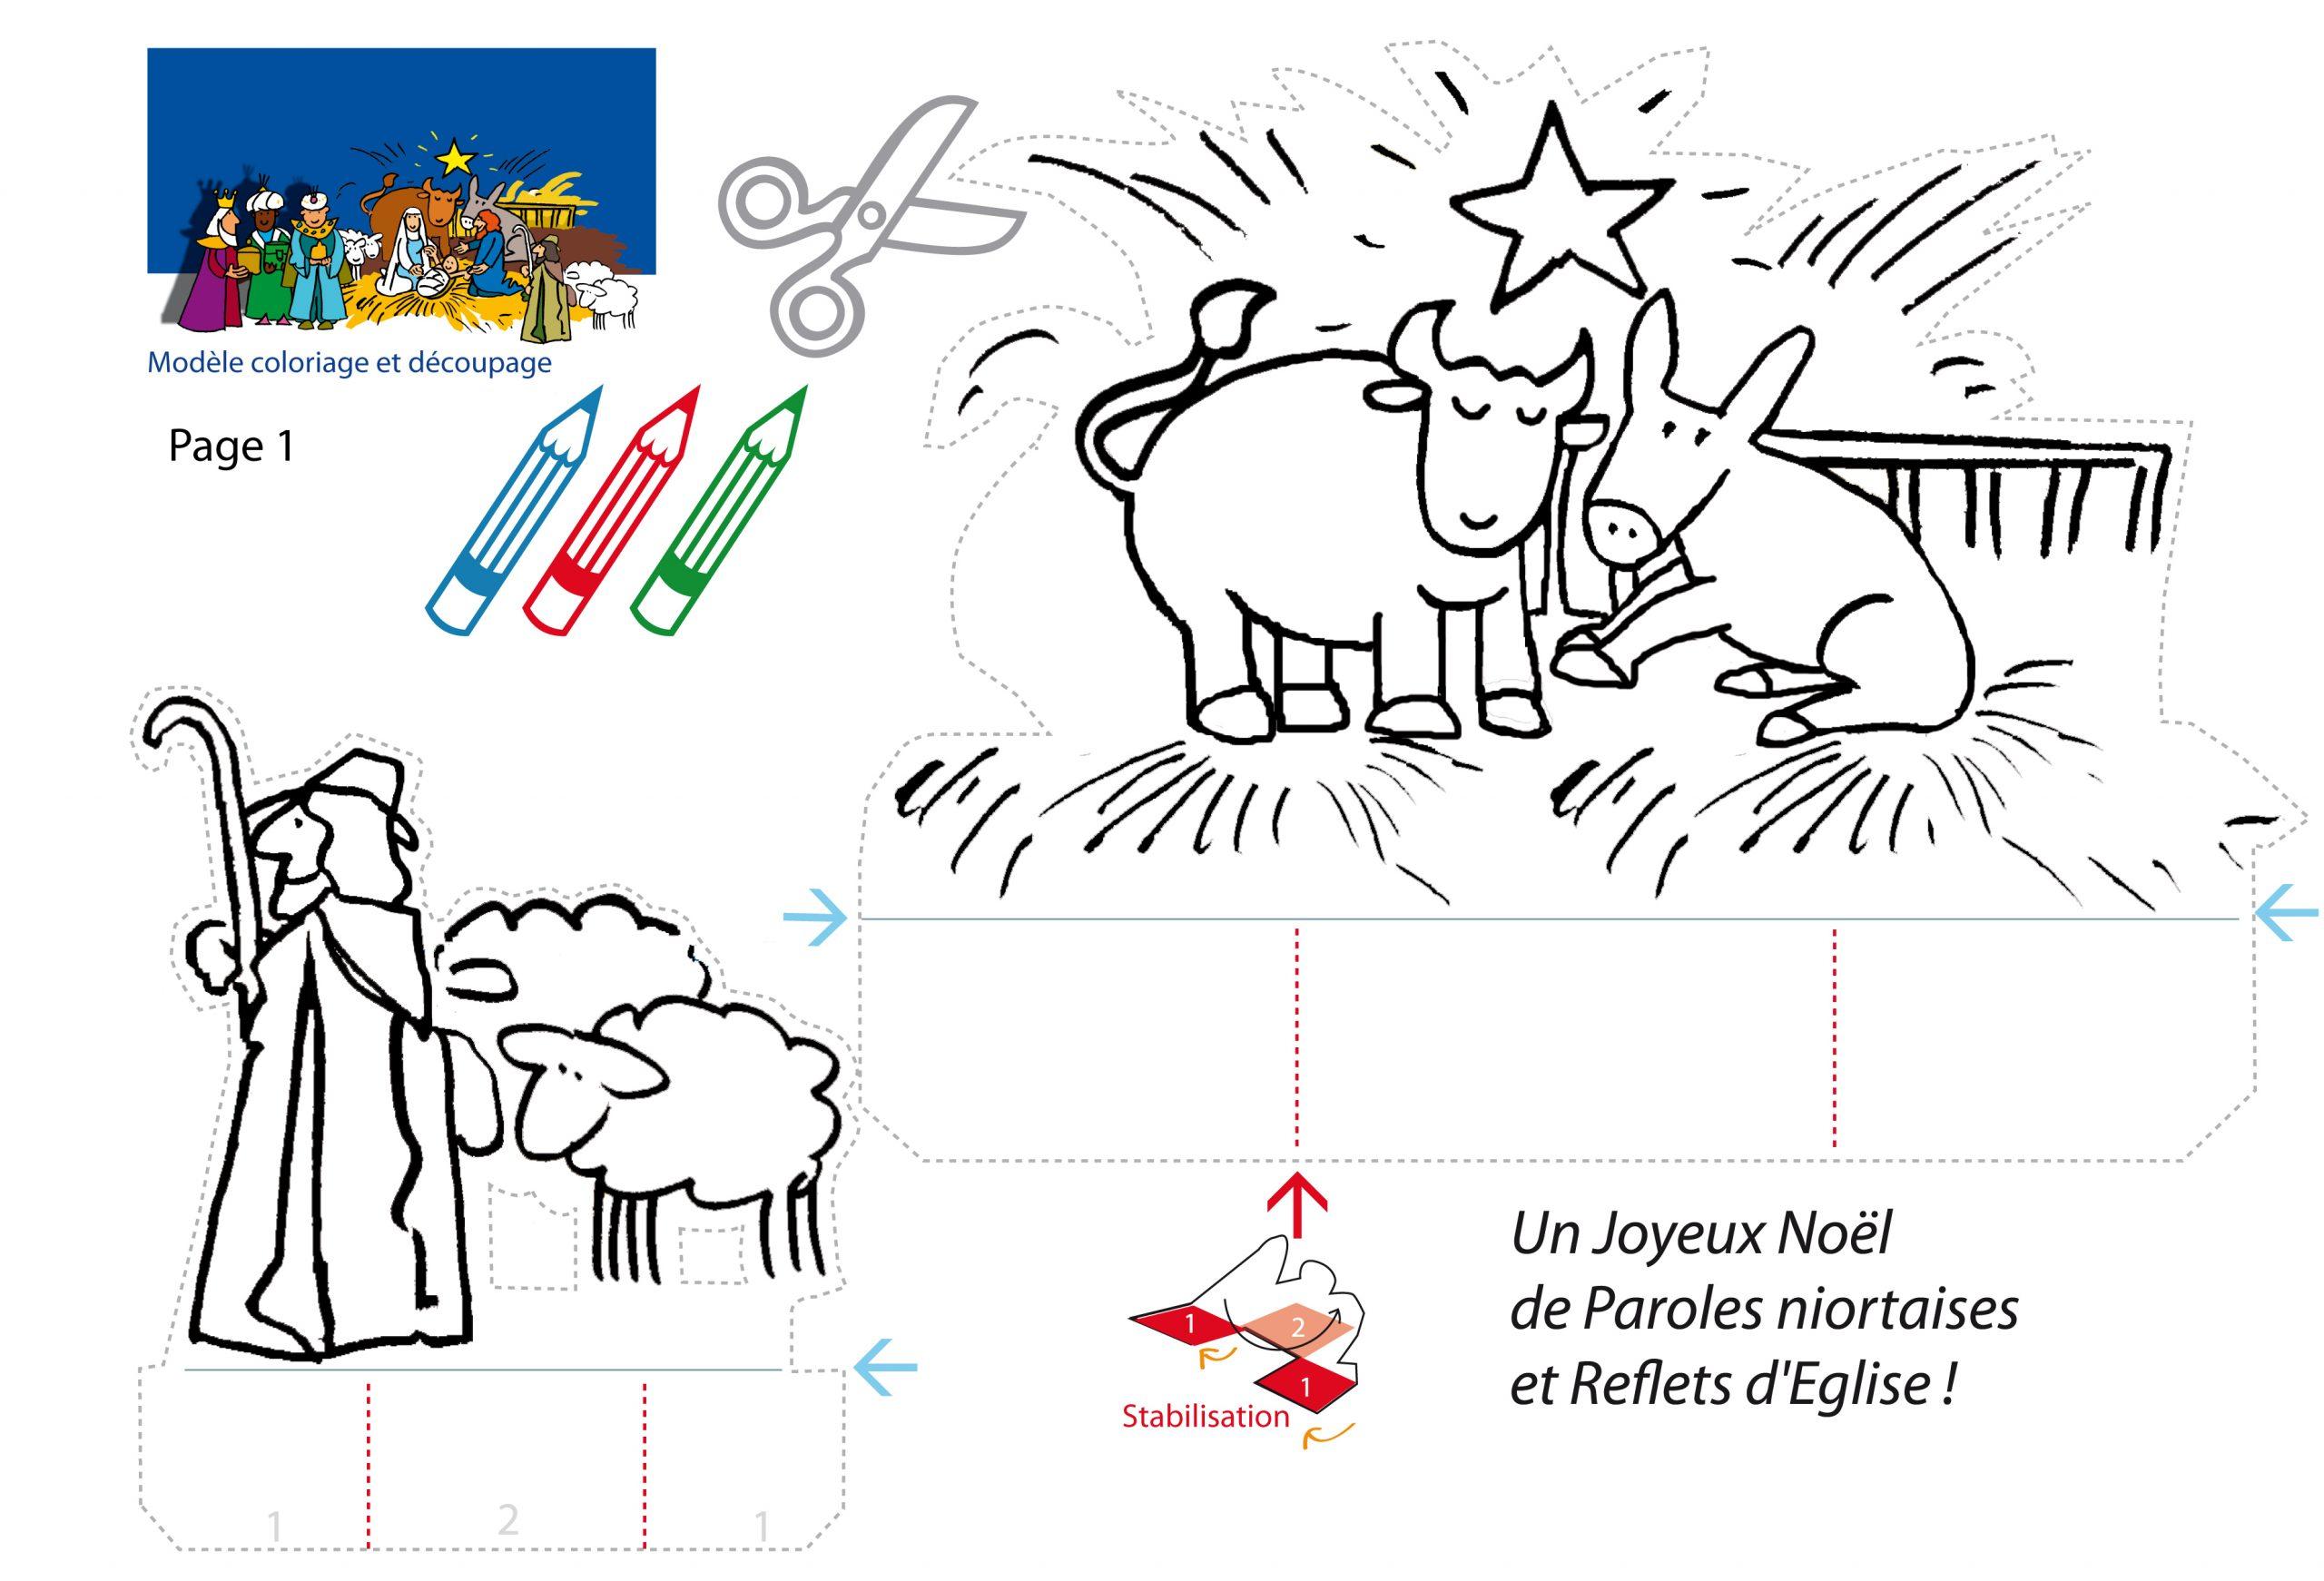 Atelier De Noël Pour Les Enfants : Une Crèche Faite Maison destiné Decoupage Pour Enfant